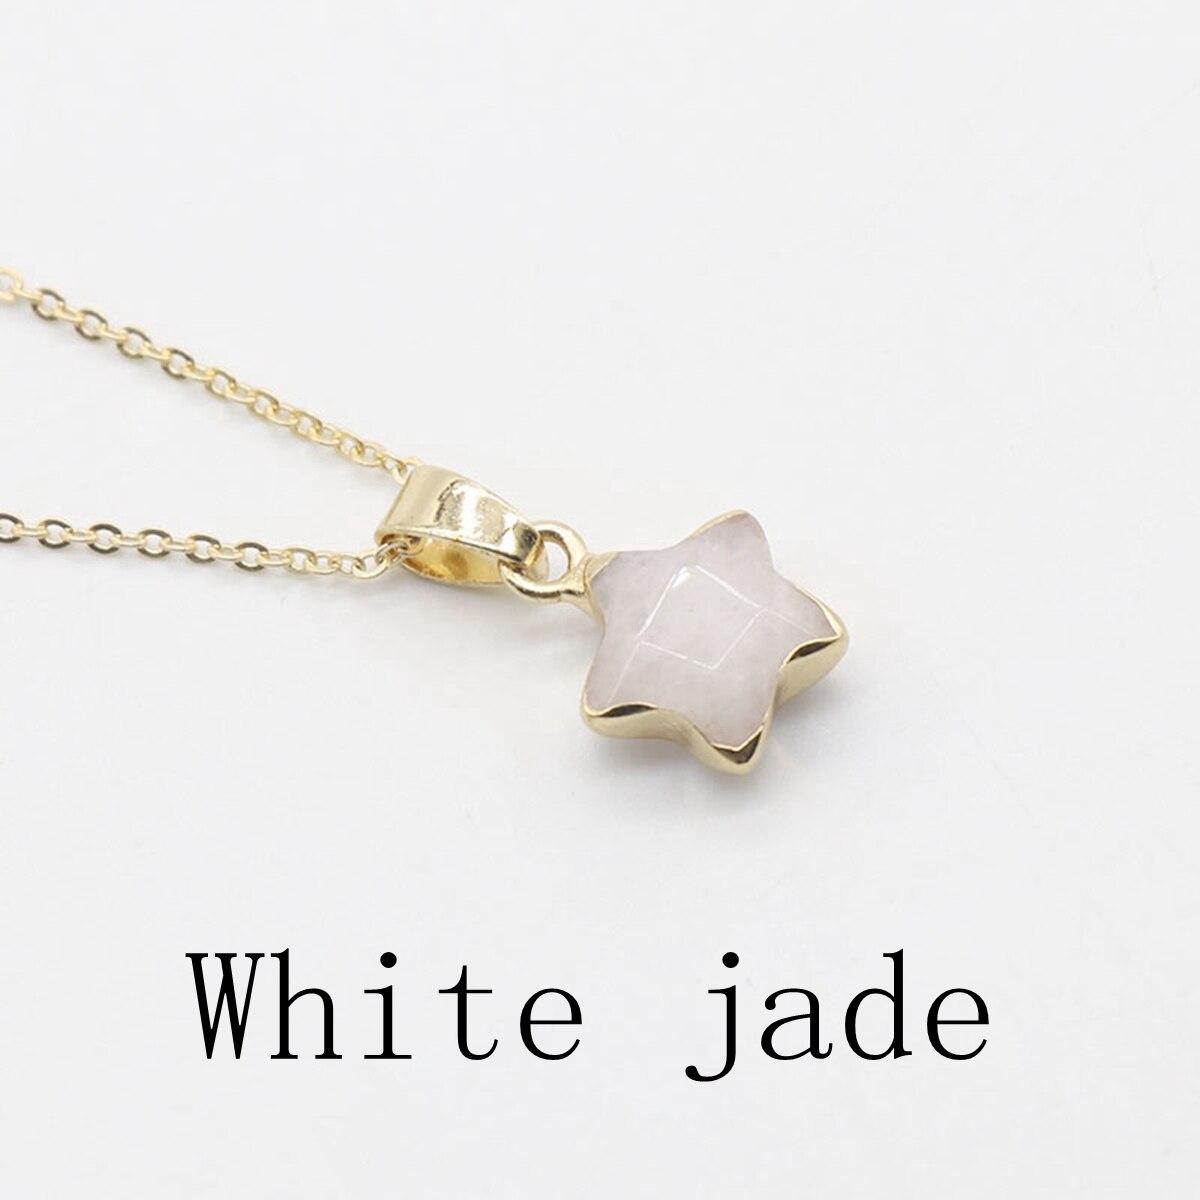 White jade